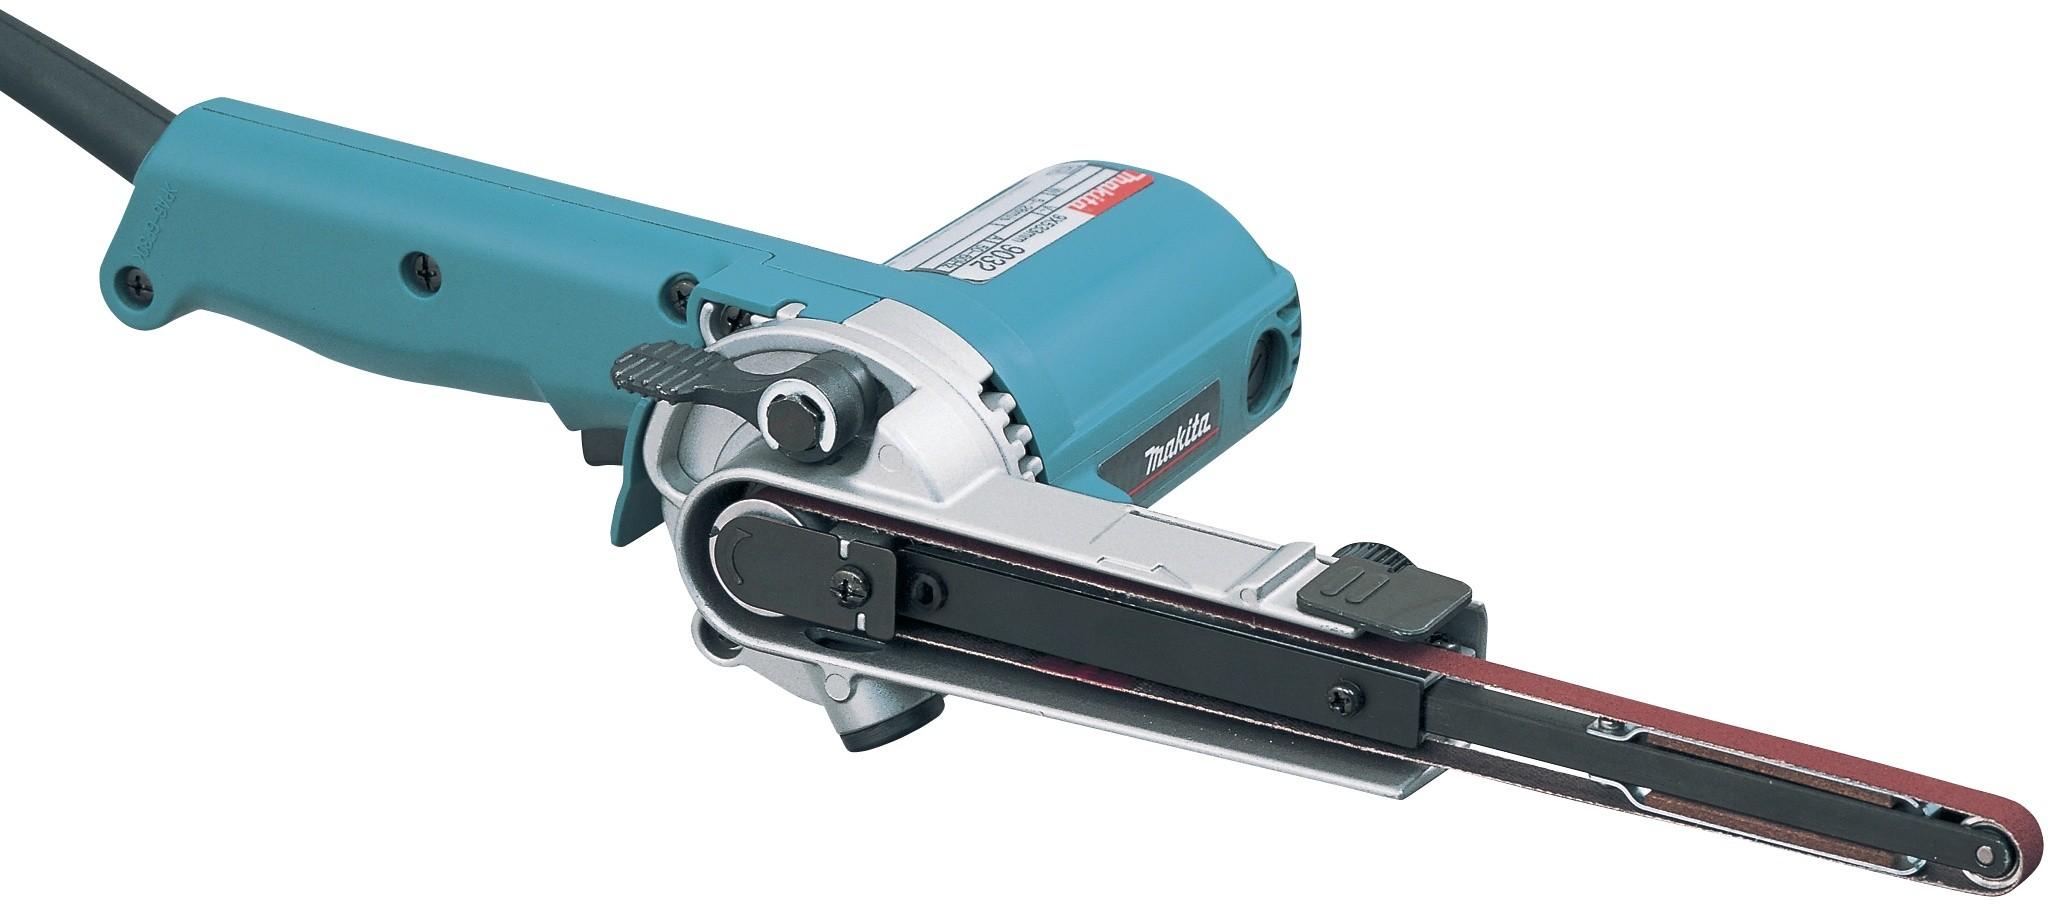 Makita 9mm Belt Sander 9032